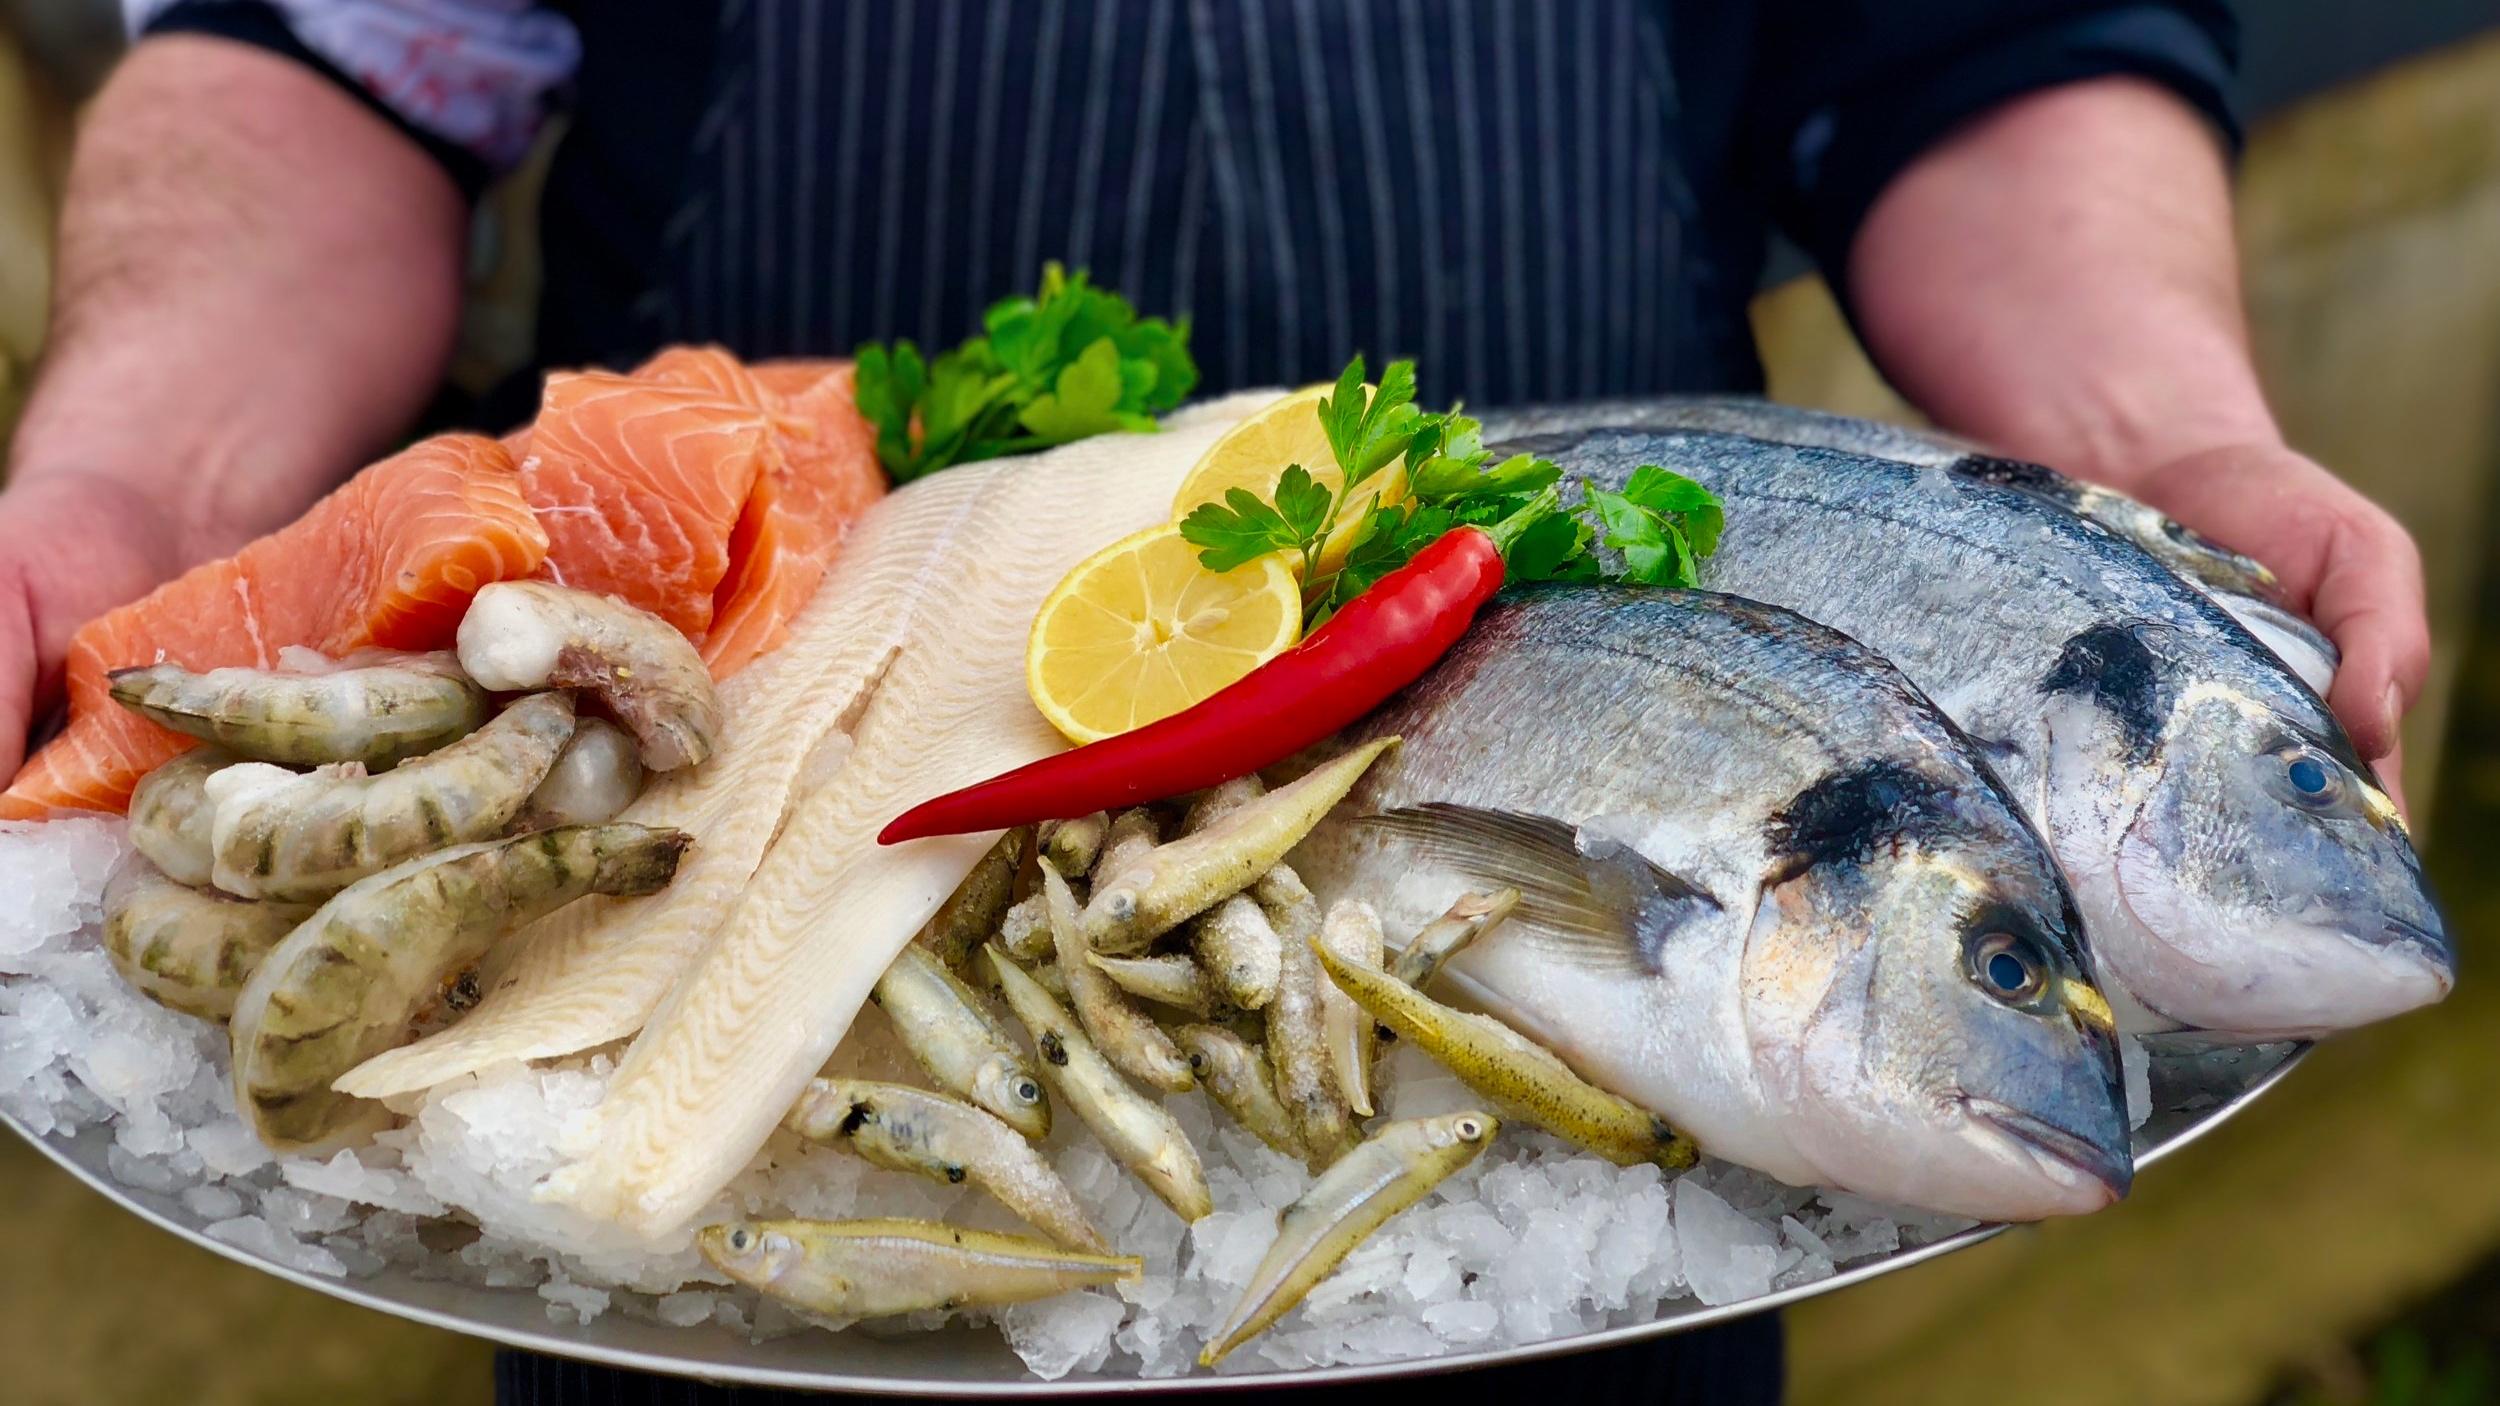 Rybí hody - 11. - 13. 10. v pivovaru proběhne tradiční akce, na které byste rozhodně neměli chybět. Čekají vás čerstvé rybky v různých úpravách, tradiční i netradiční. Tak si rezervujte stůl a udělejte si výlet ;-)rezervace@pivovar-dalesice.cz nebo 568 860 942